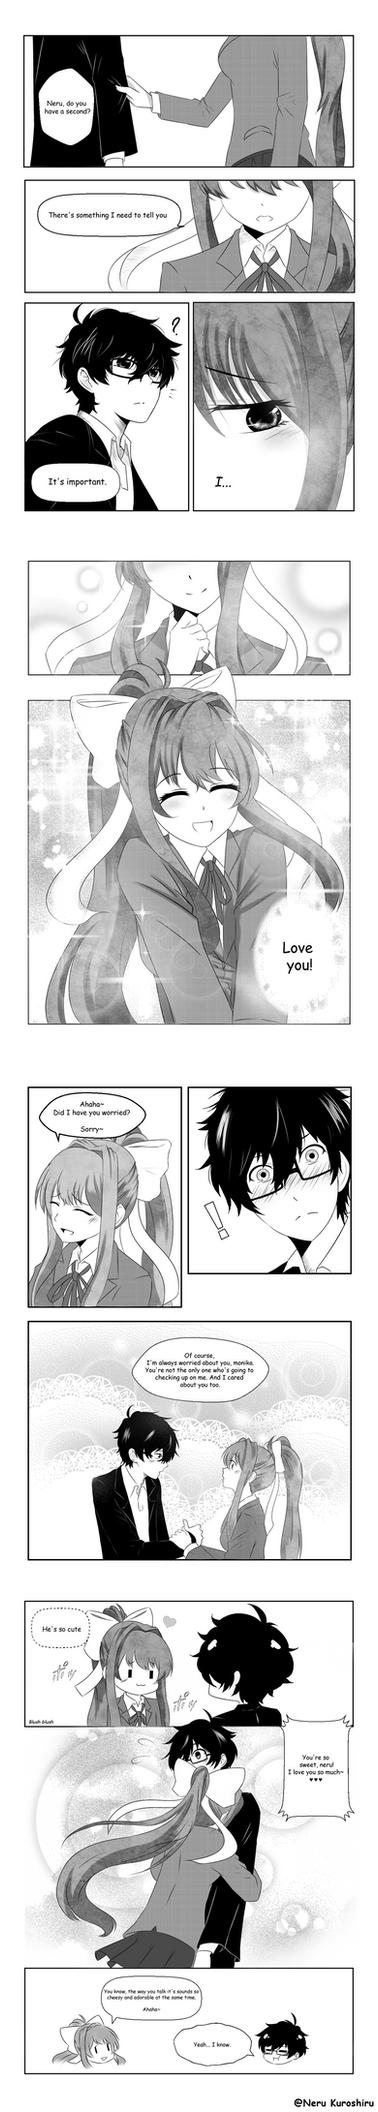 DDLC: After story [short manga] by Neru-kuroshiru